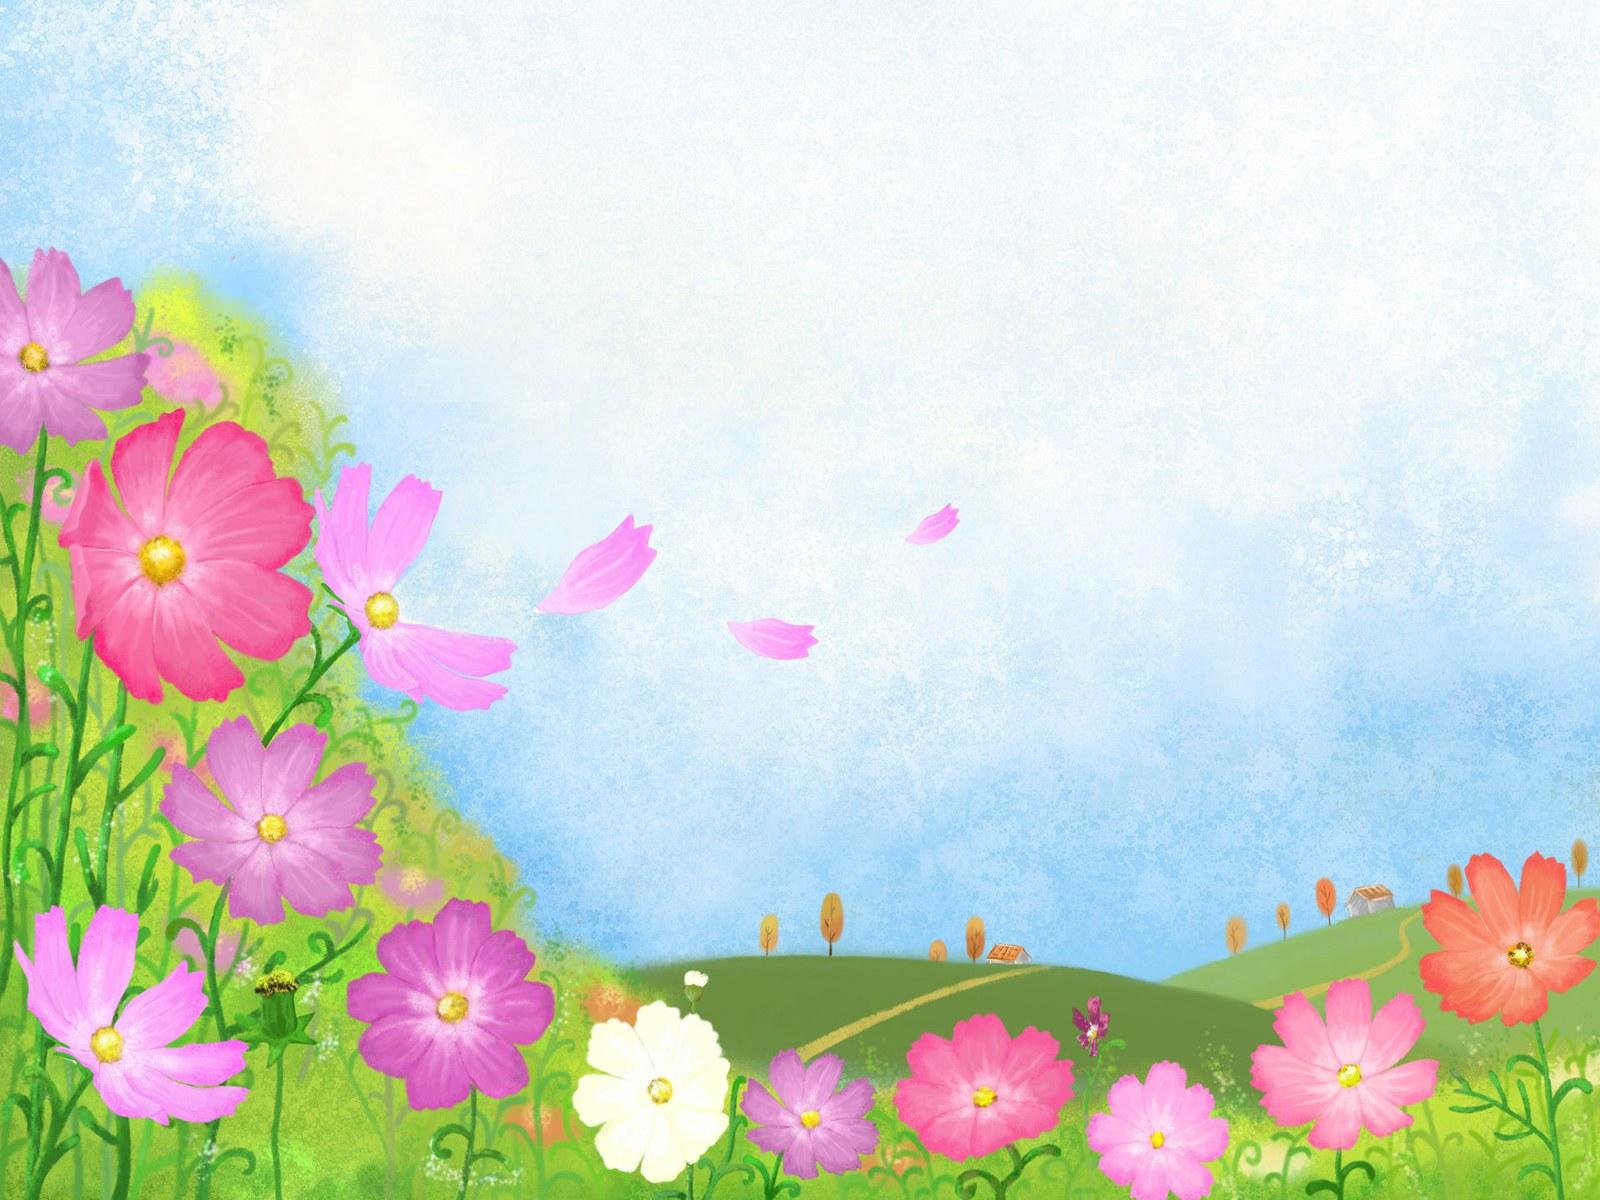 韩国金秋主题卡通插画背景素材(21p)[中国photoshop